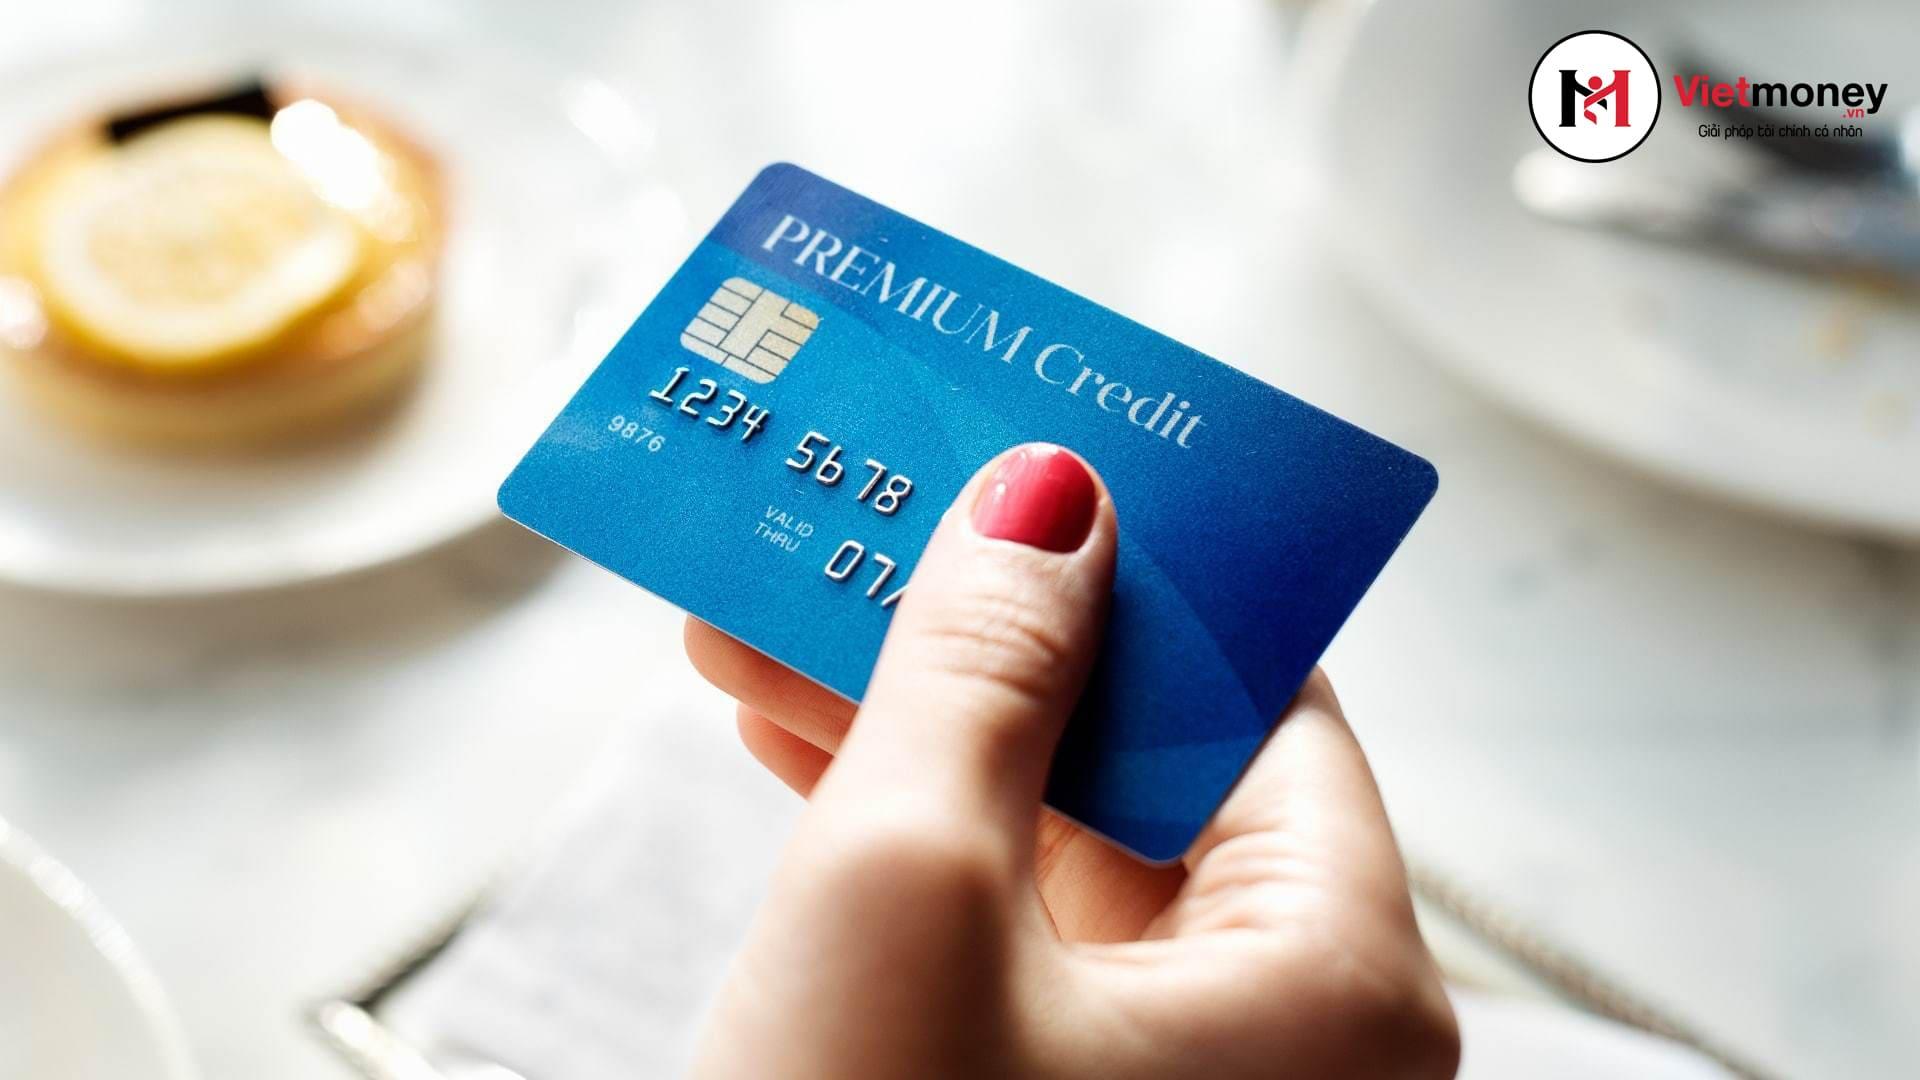 mẫu giấy hợp đồng vay vốn tiền mặt trả góp không thế chấp